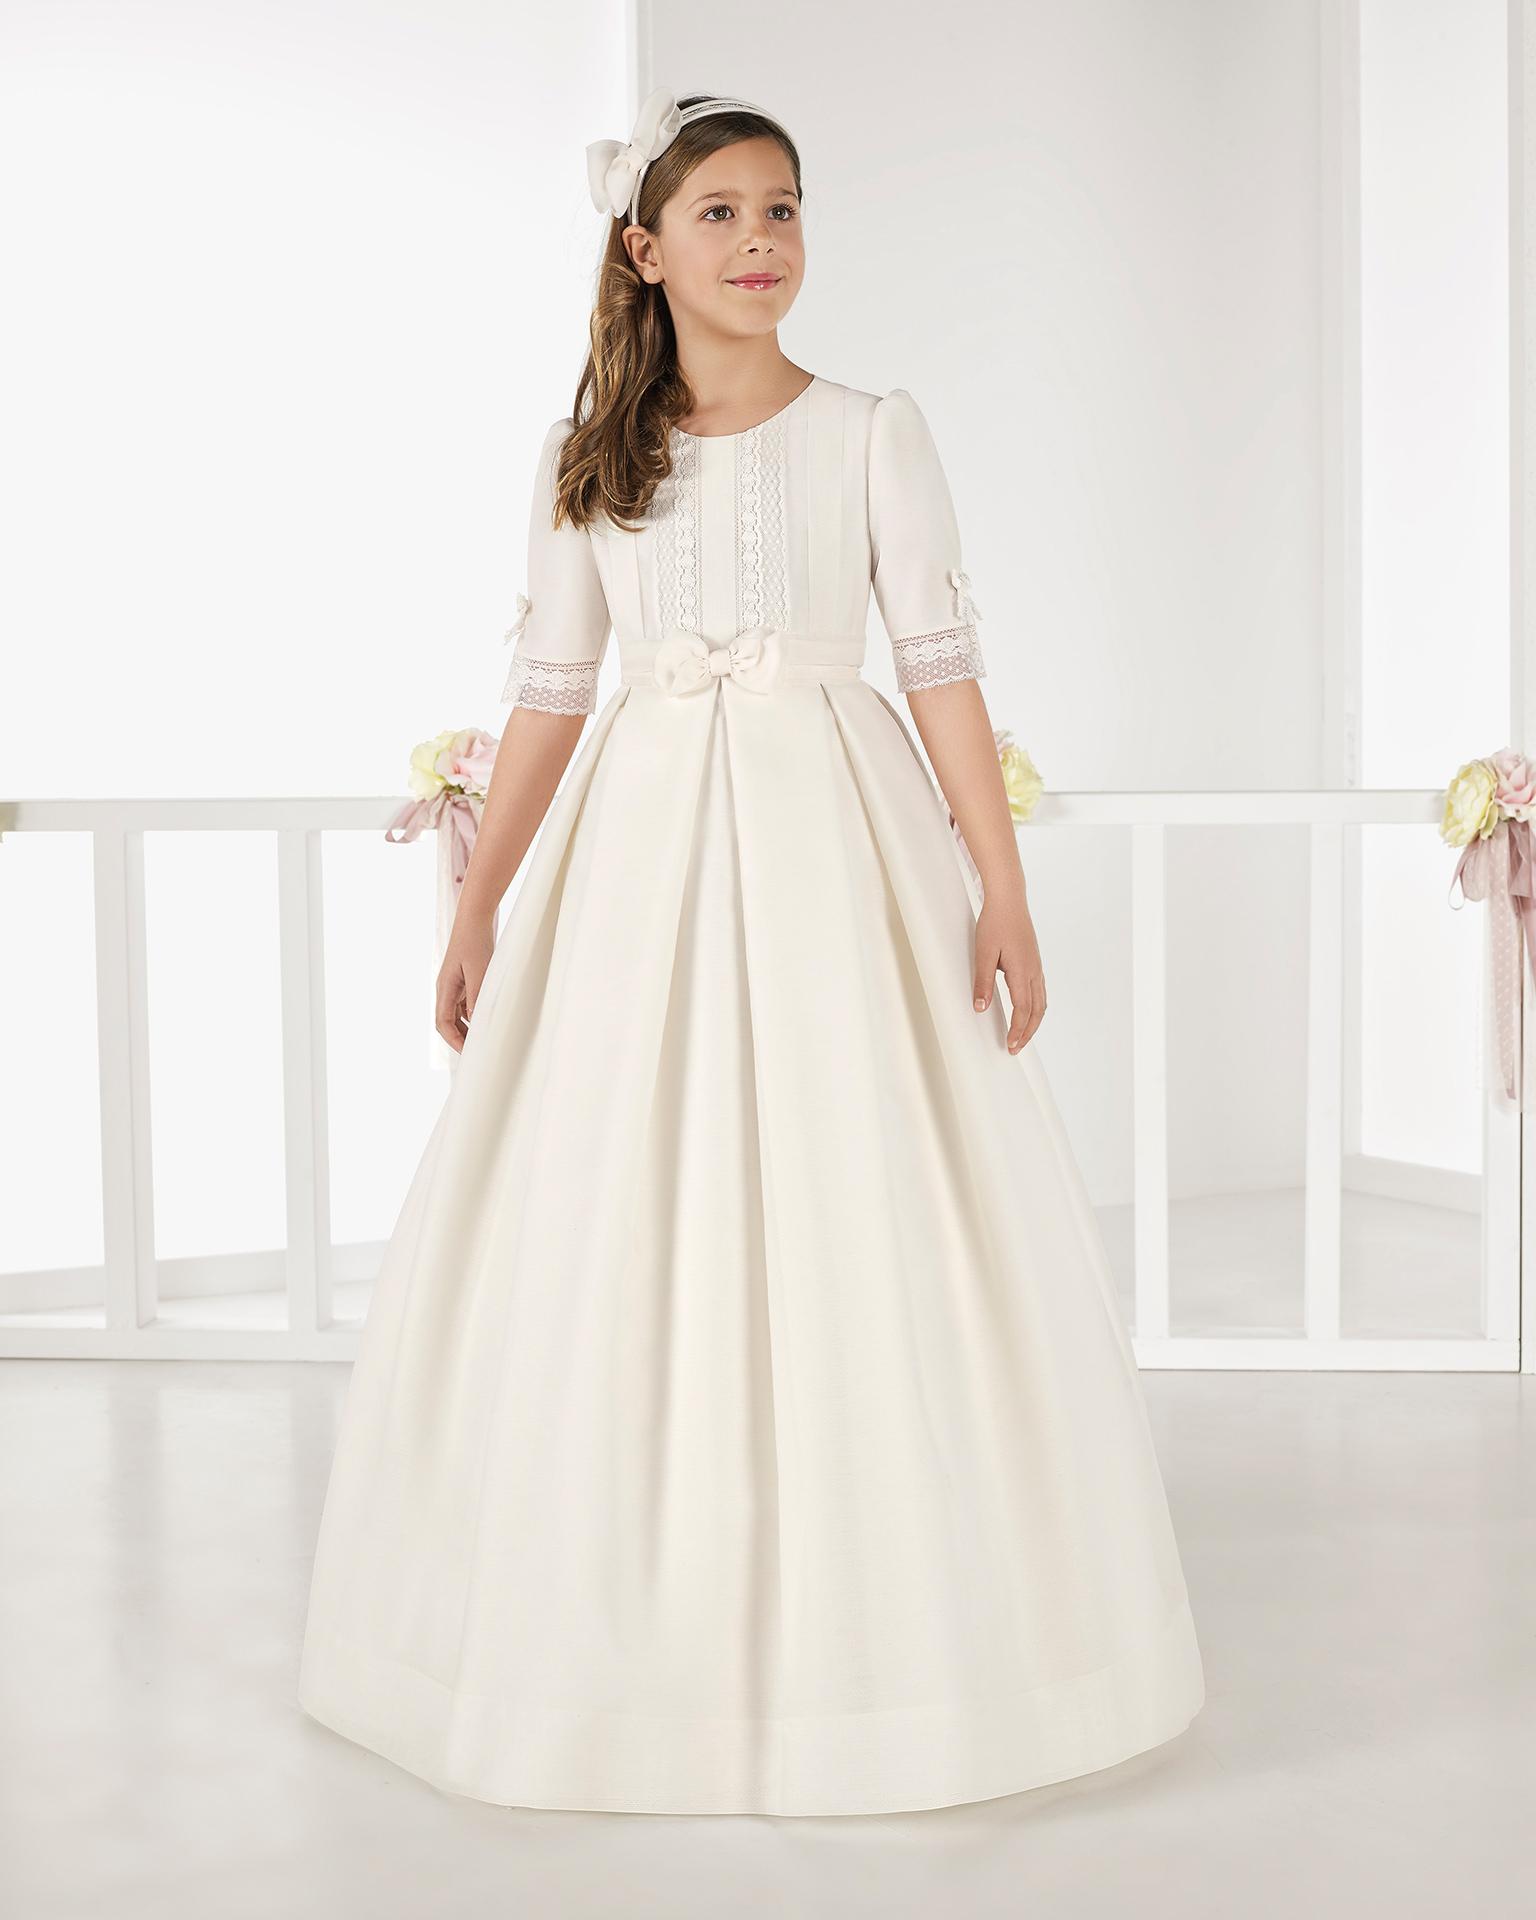 Vestido de comunhão clássico listrado, de corte império, em cor marfim. Coleção AIRE COMUNION 2018.